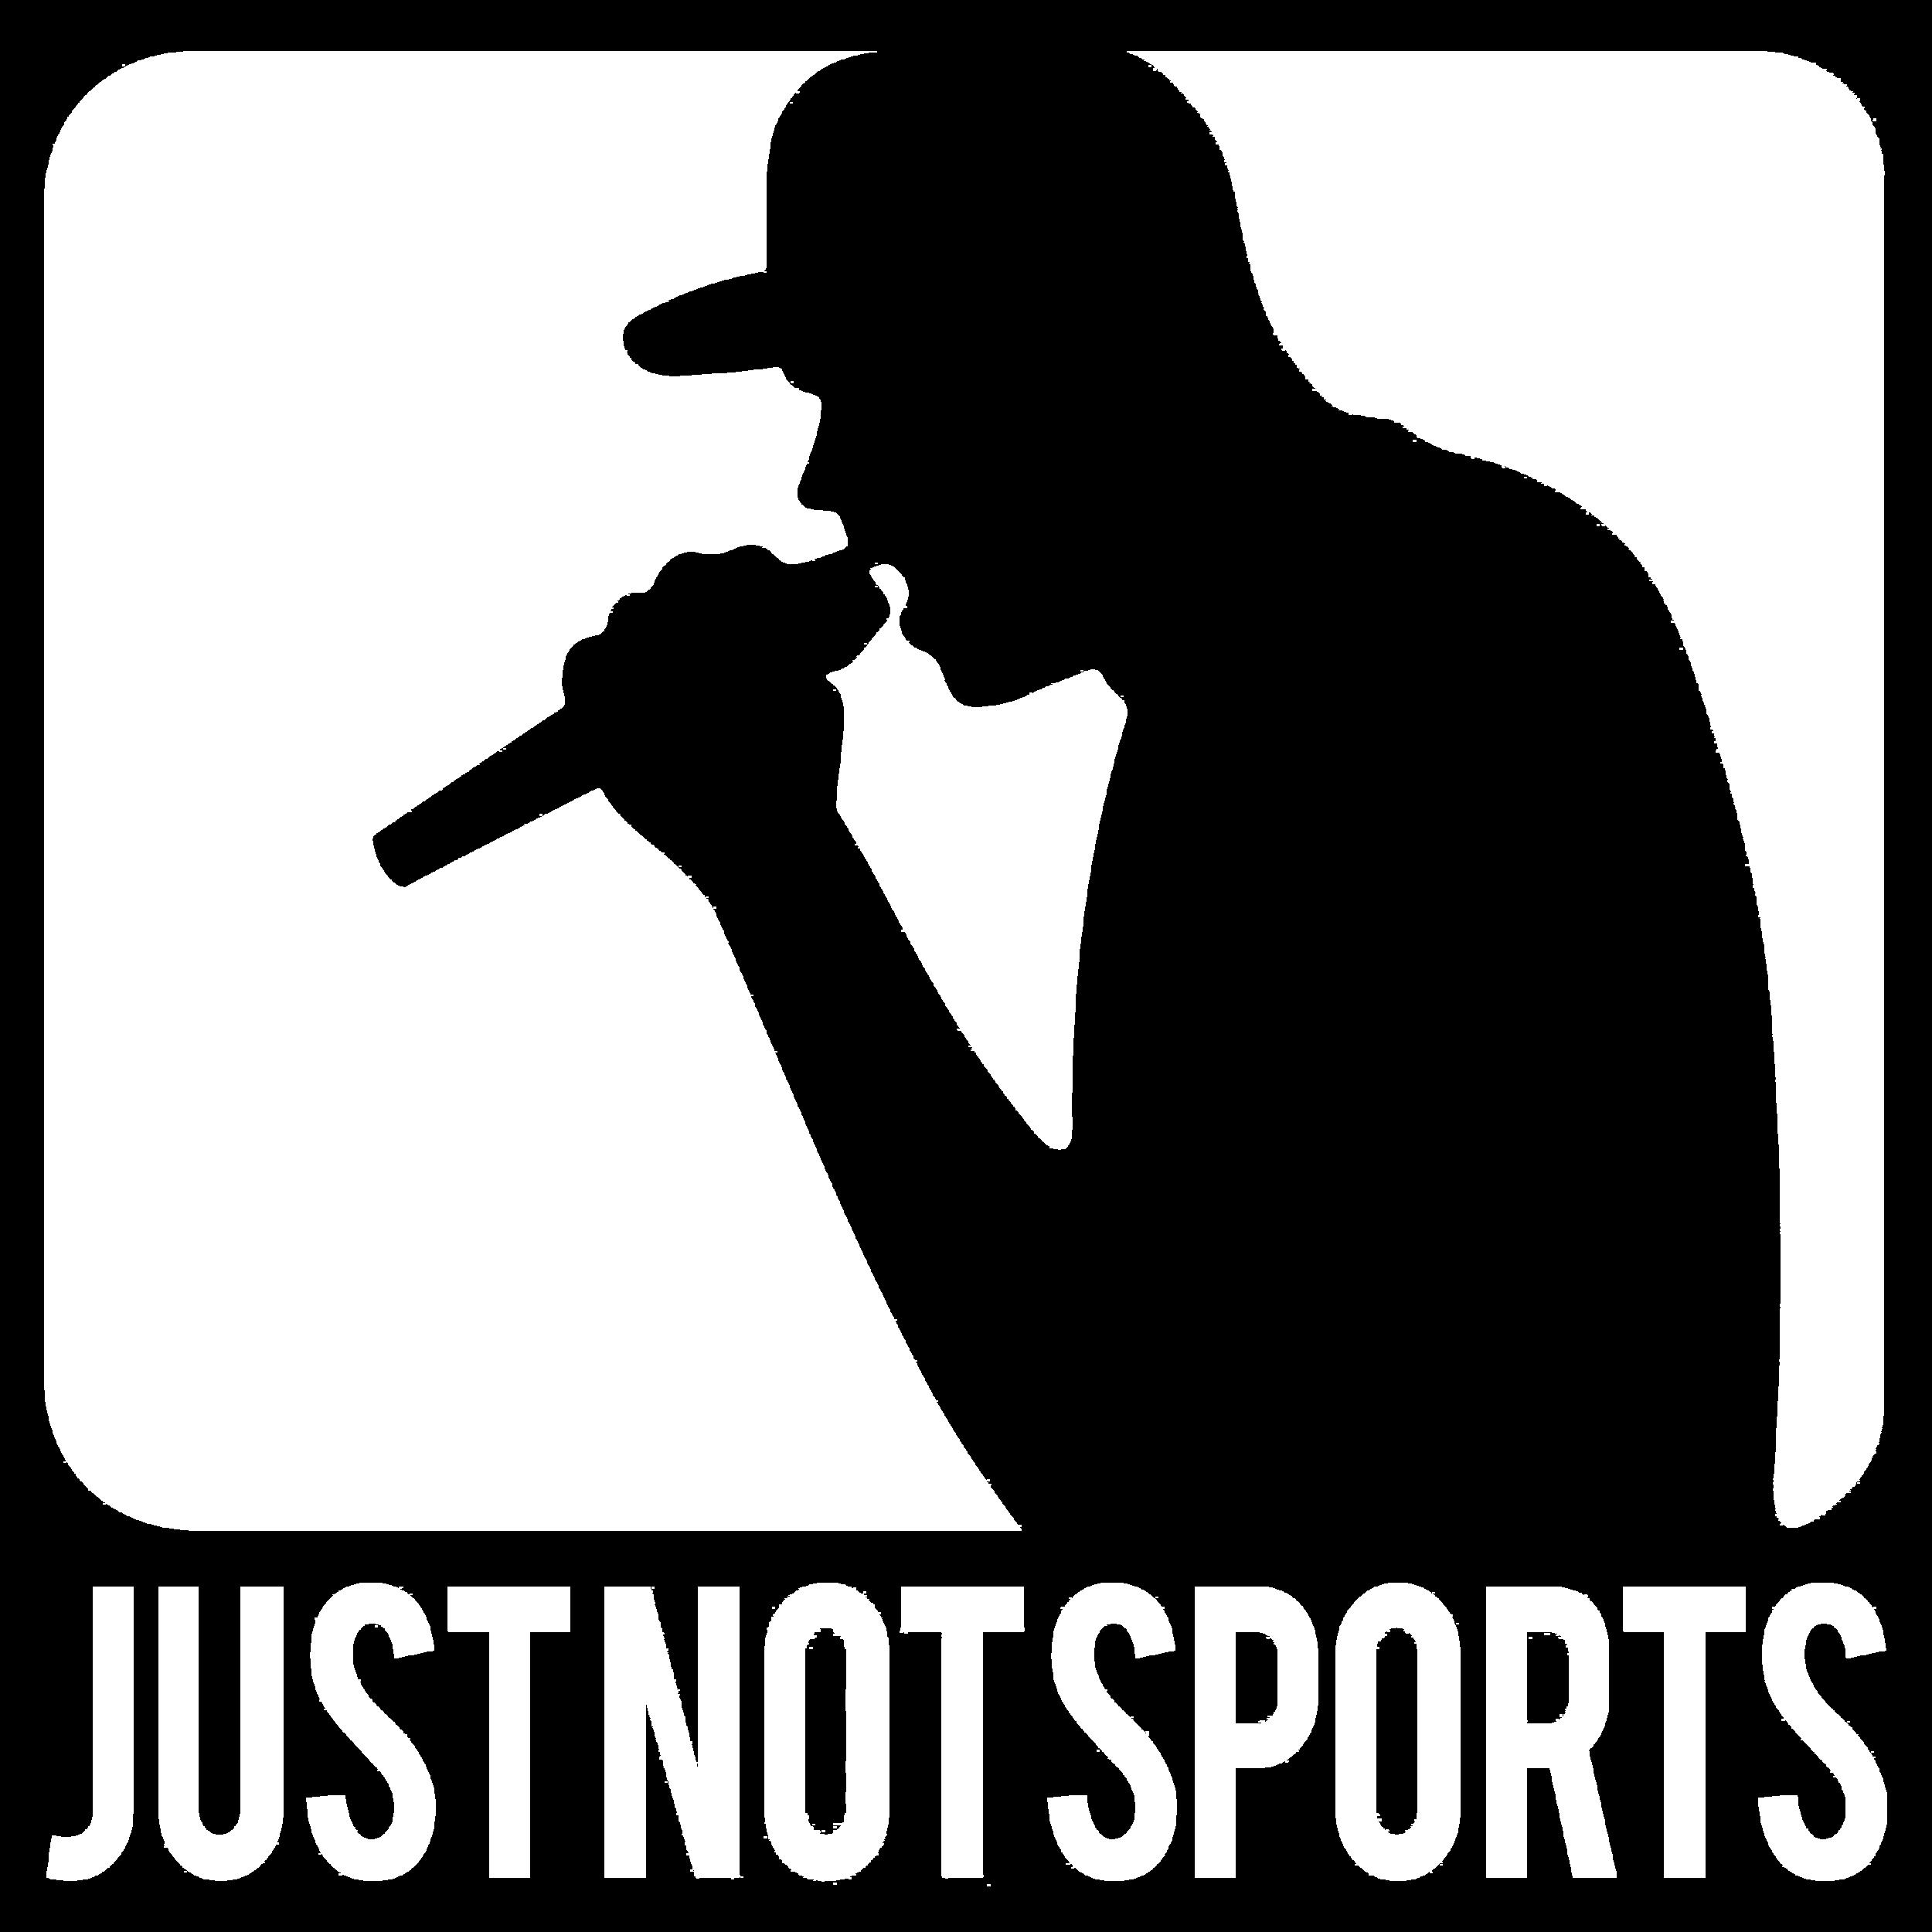 JustNotSports_666666.png